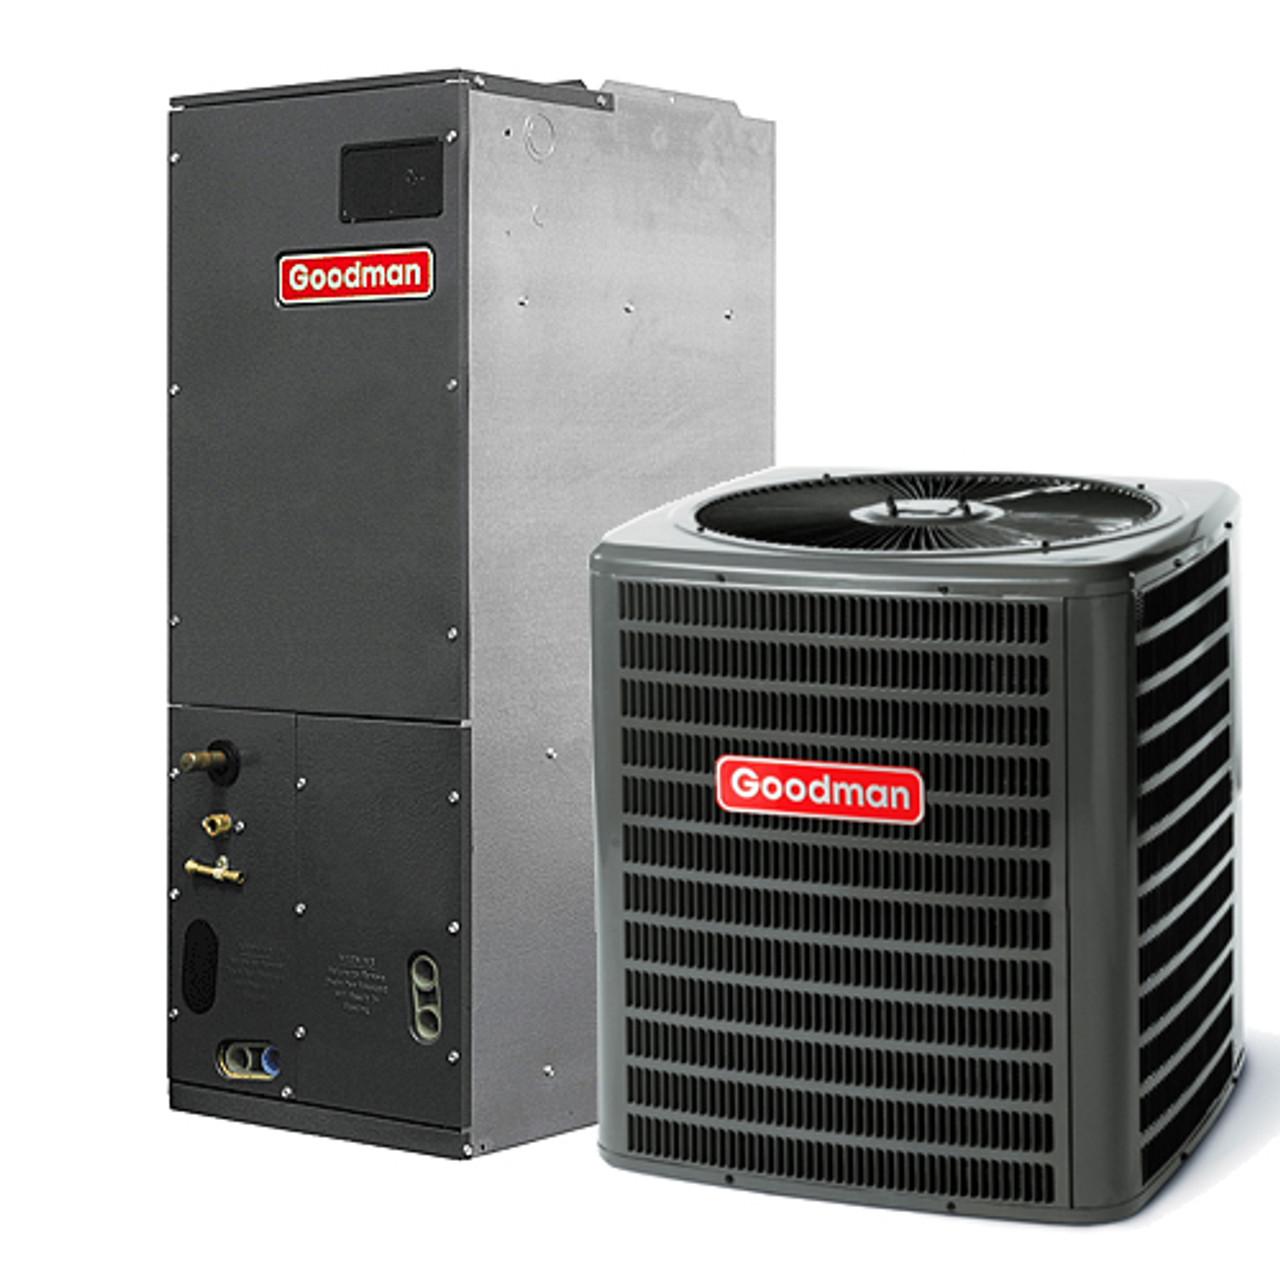 1 5 Ton Ac Unit 2 Ton Ac Package Unit Goodman 1 1 2 1 5 Ton 13 Seer Complete A C Split System